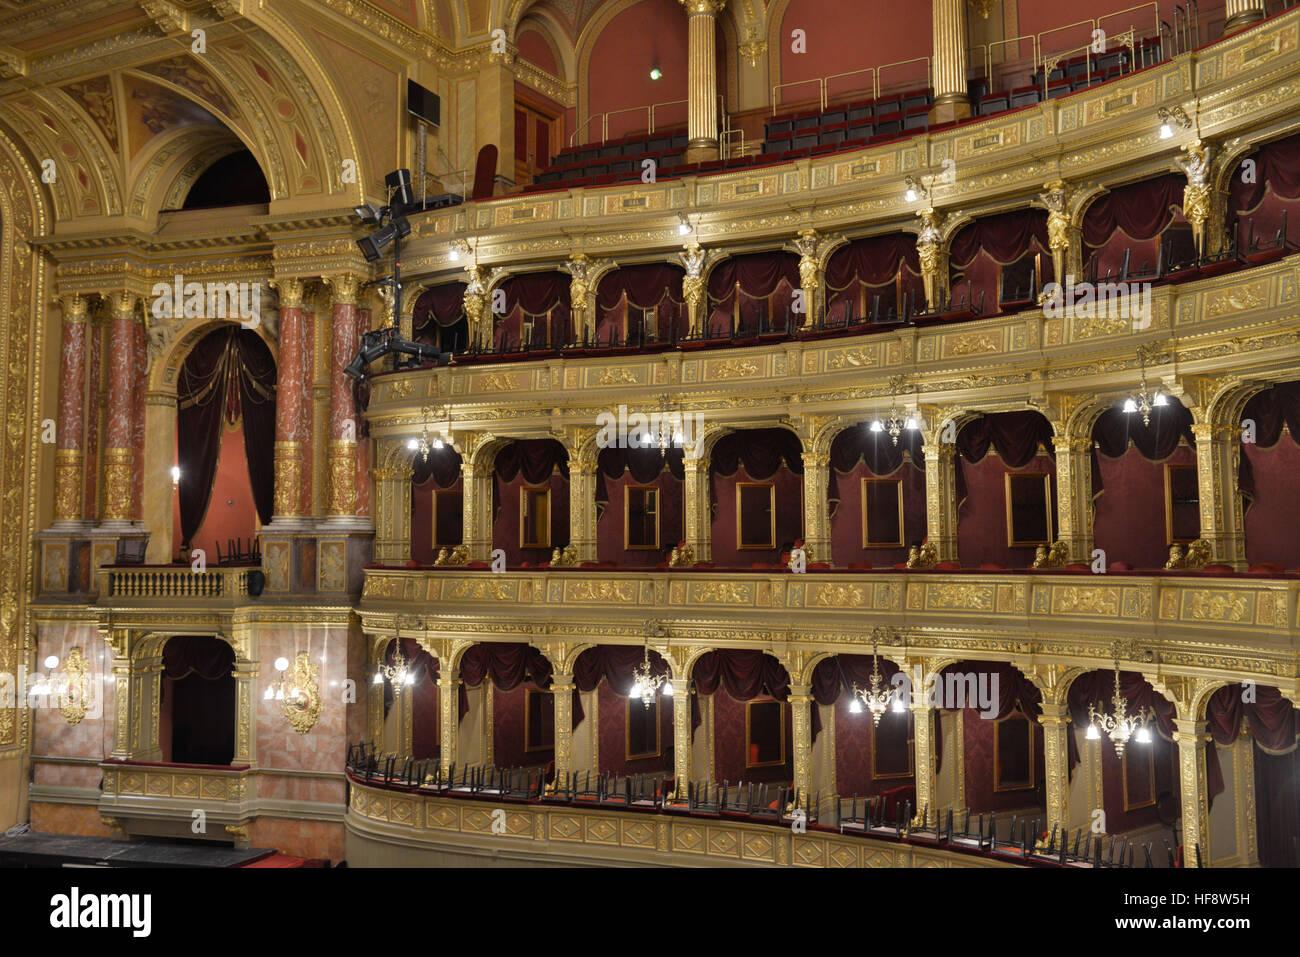 Innenraum, Staatsoper, Andrassy ut, Budapest, Ungarn, Interior, state opera, Hungary - Stock Image